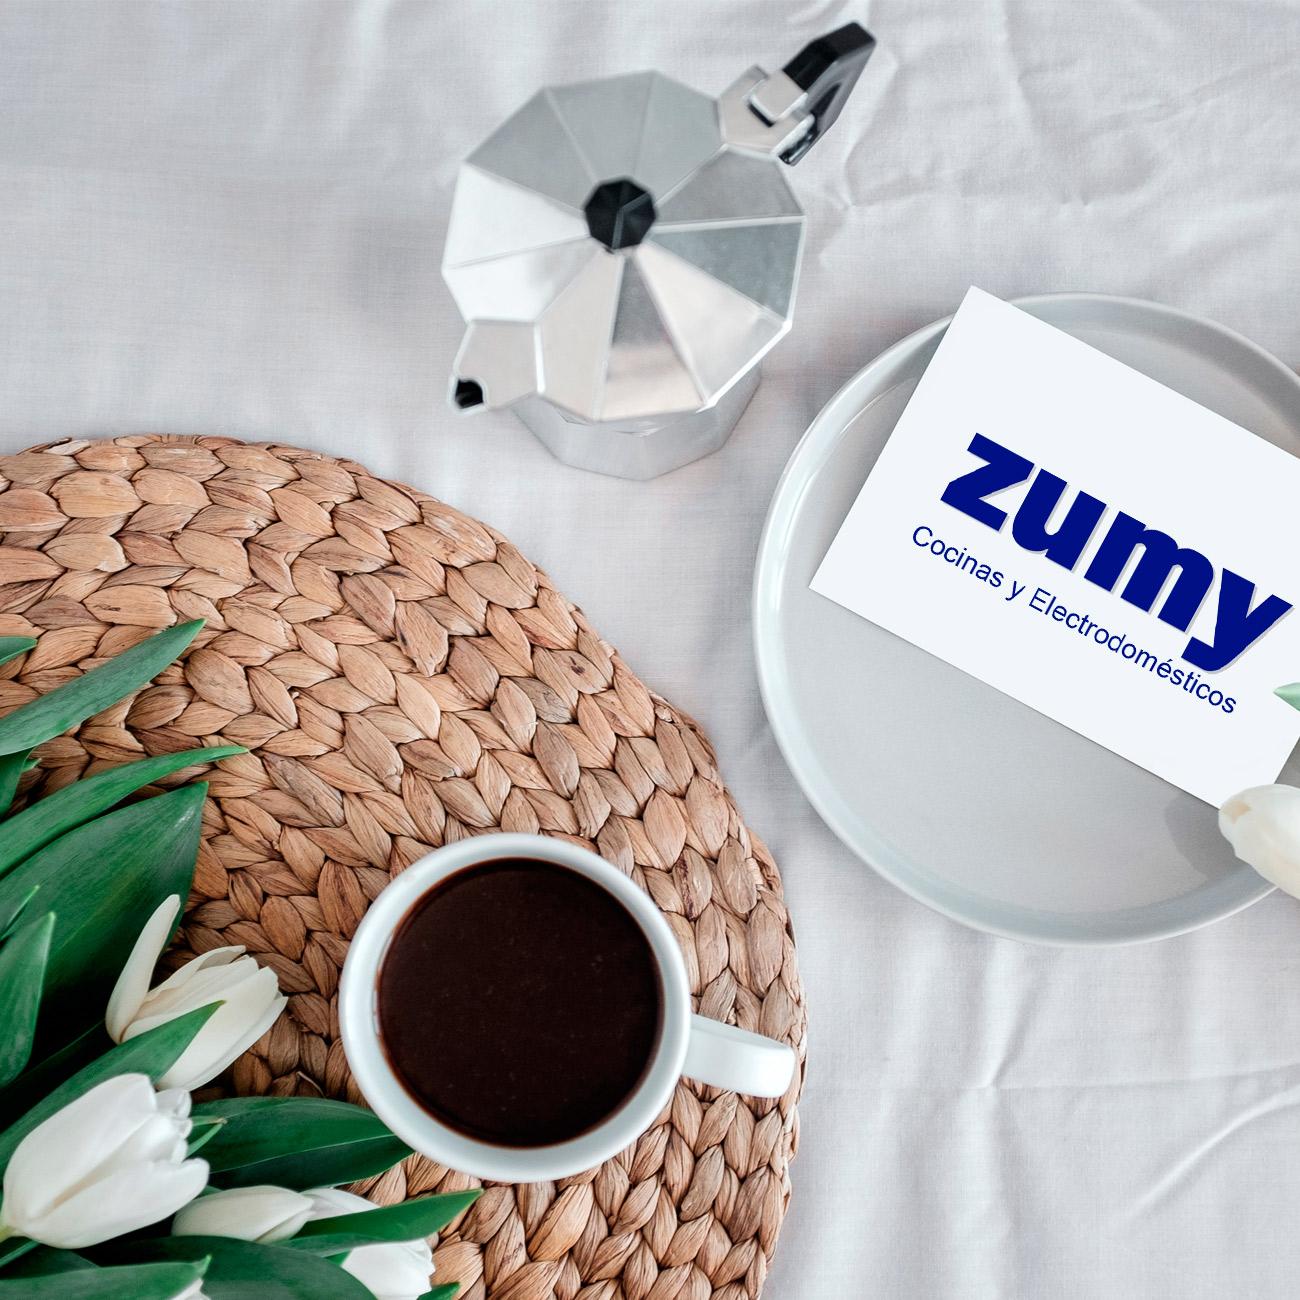 Zumy tu tienda de cocinas y electrodomésticos